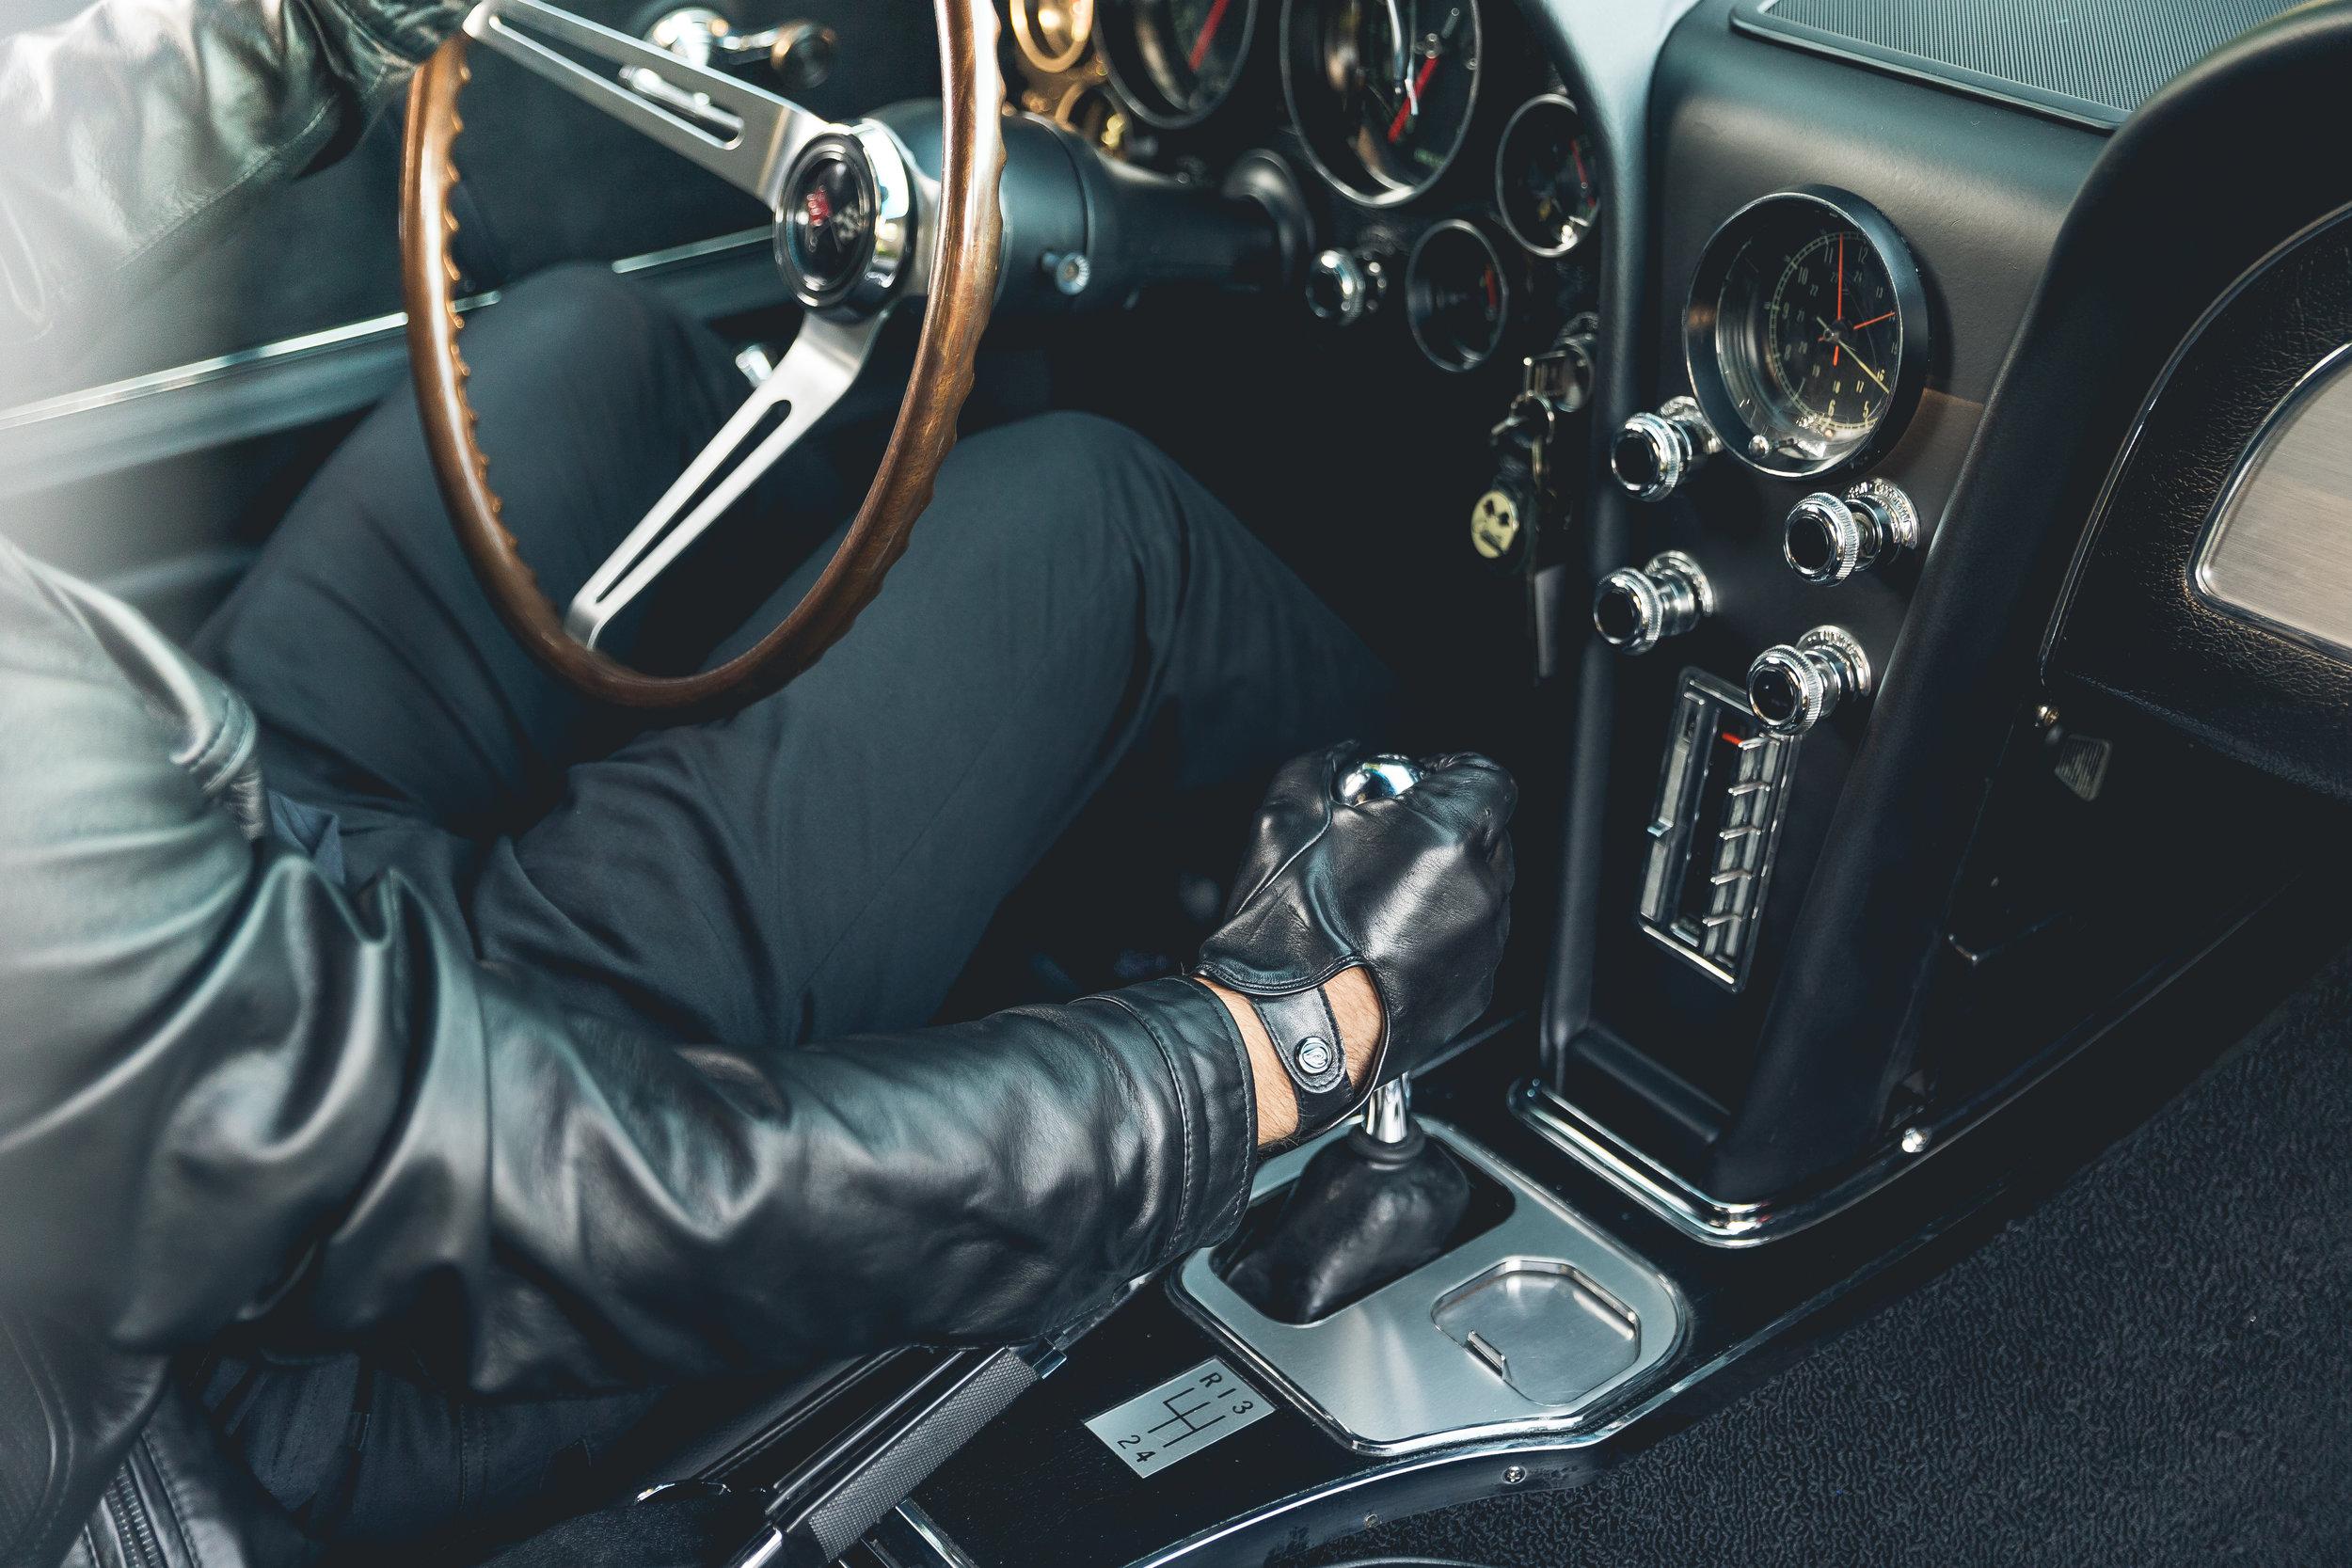 Piloti - 2016 - Legendary Motorcar-9063.jpg